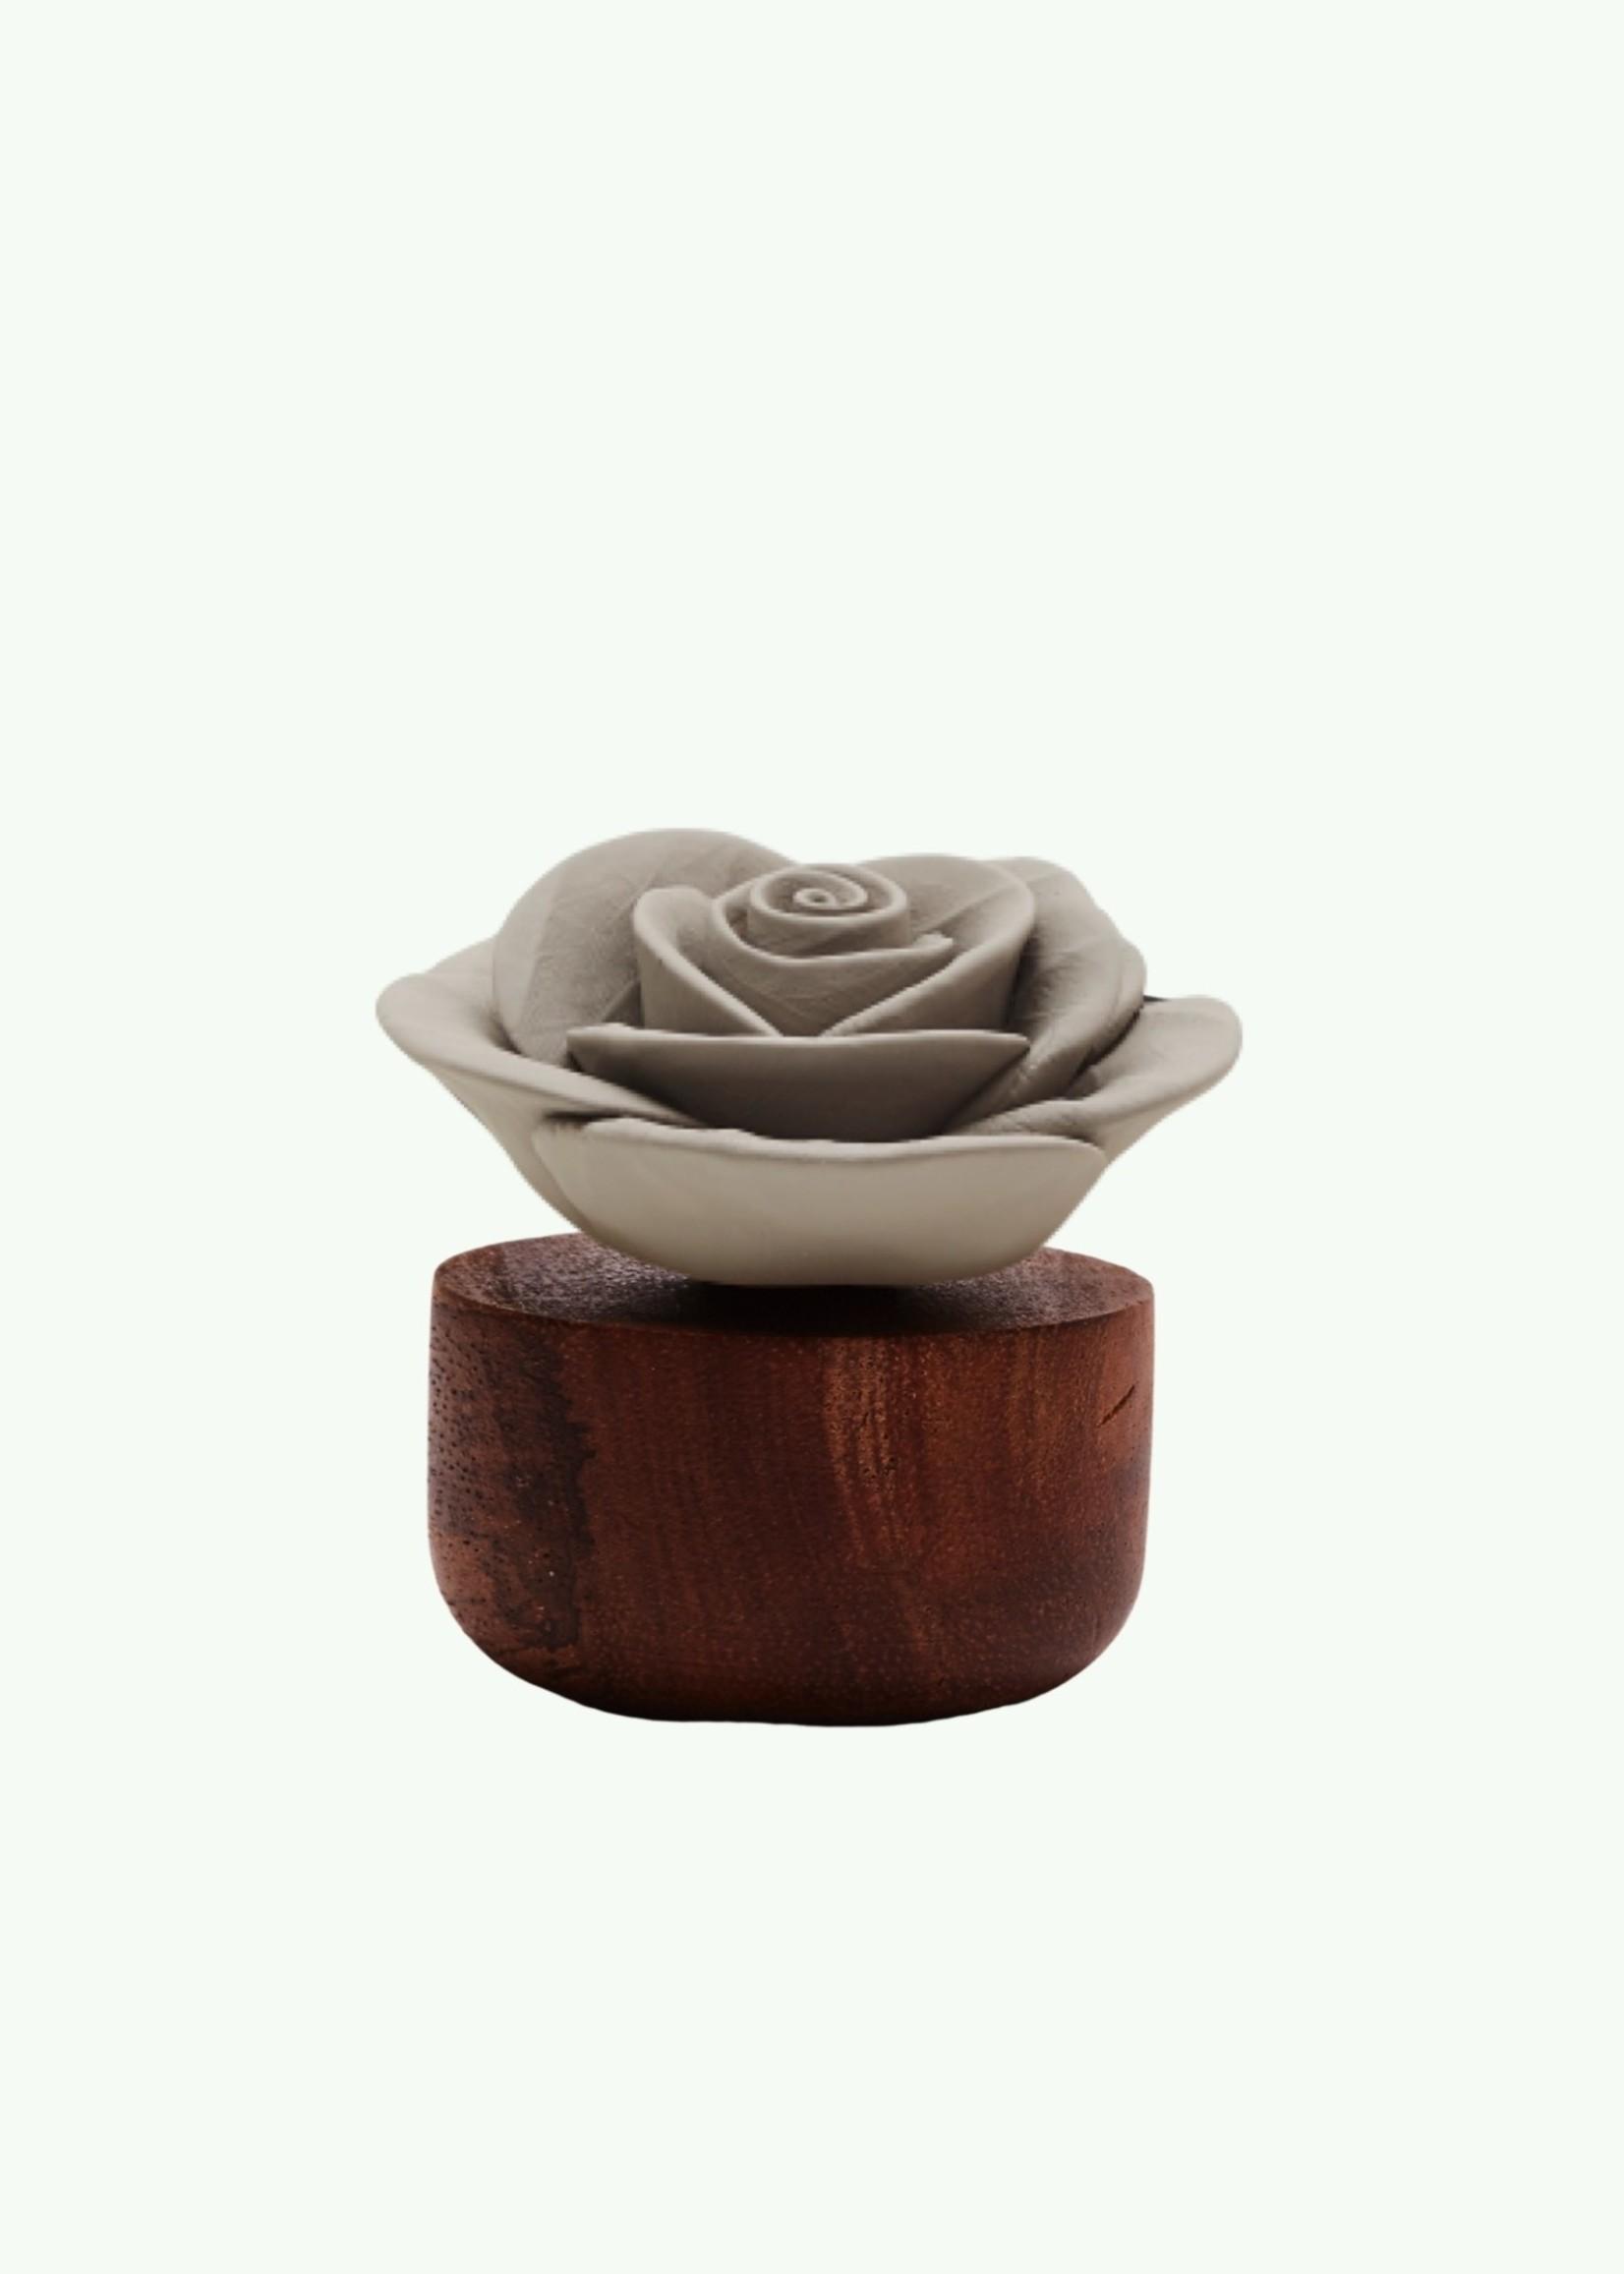 Anoq Anoq - Gardenia du Laos - Perfume Diffuser- 3 colours